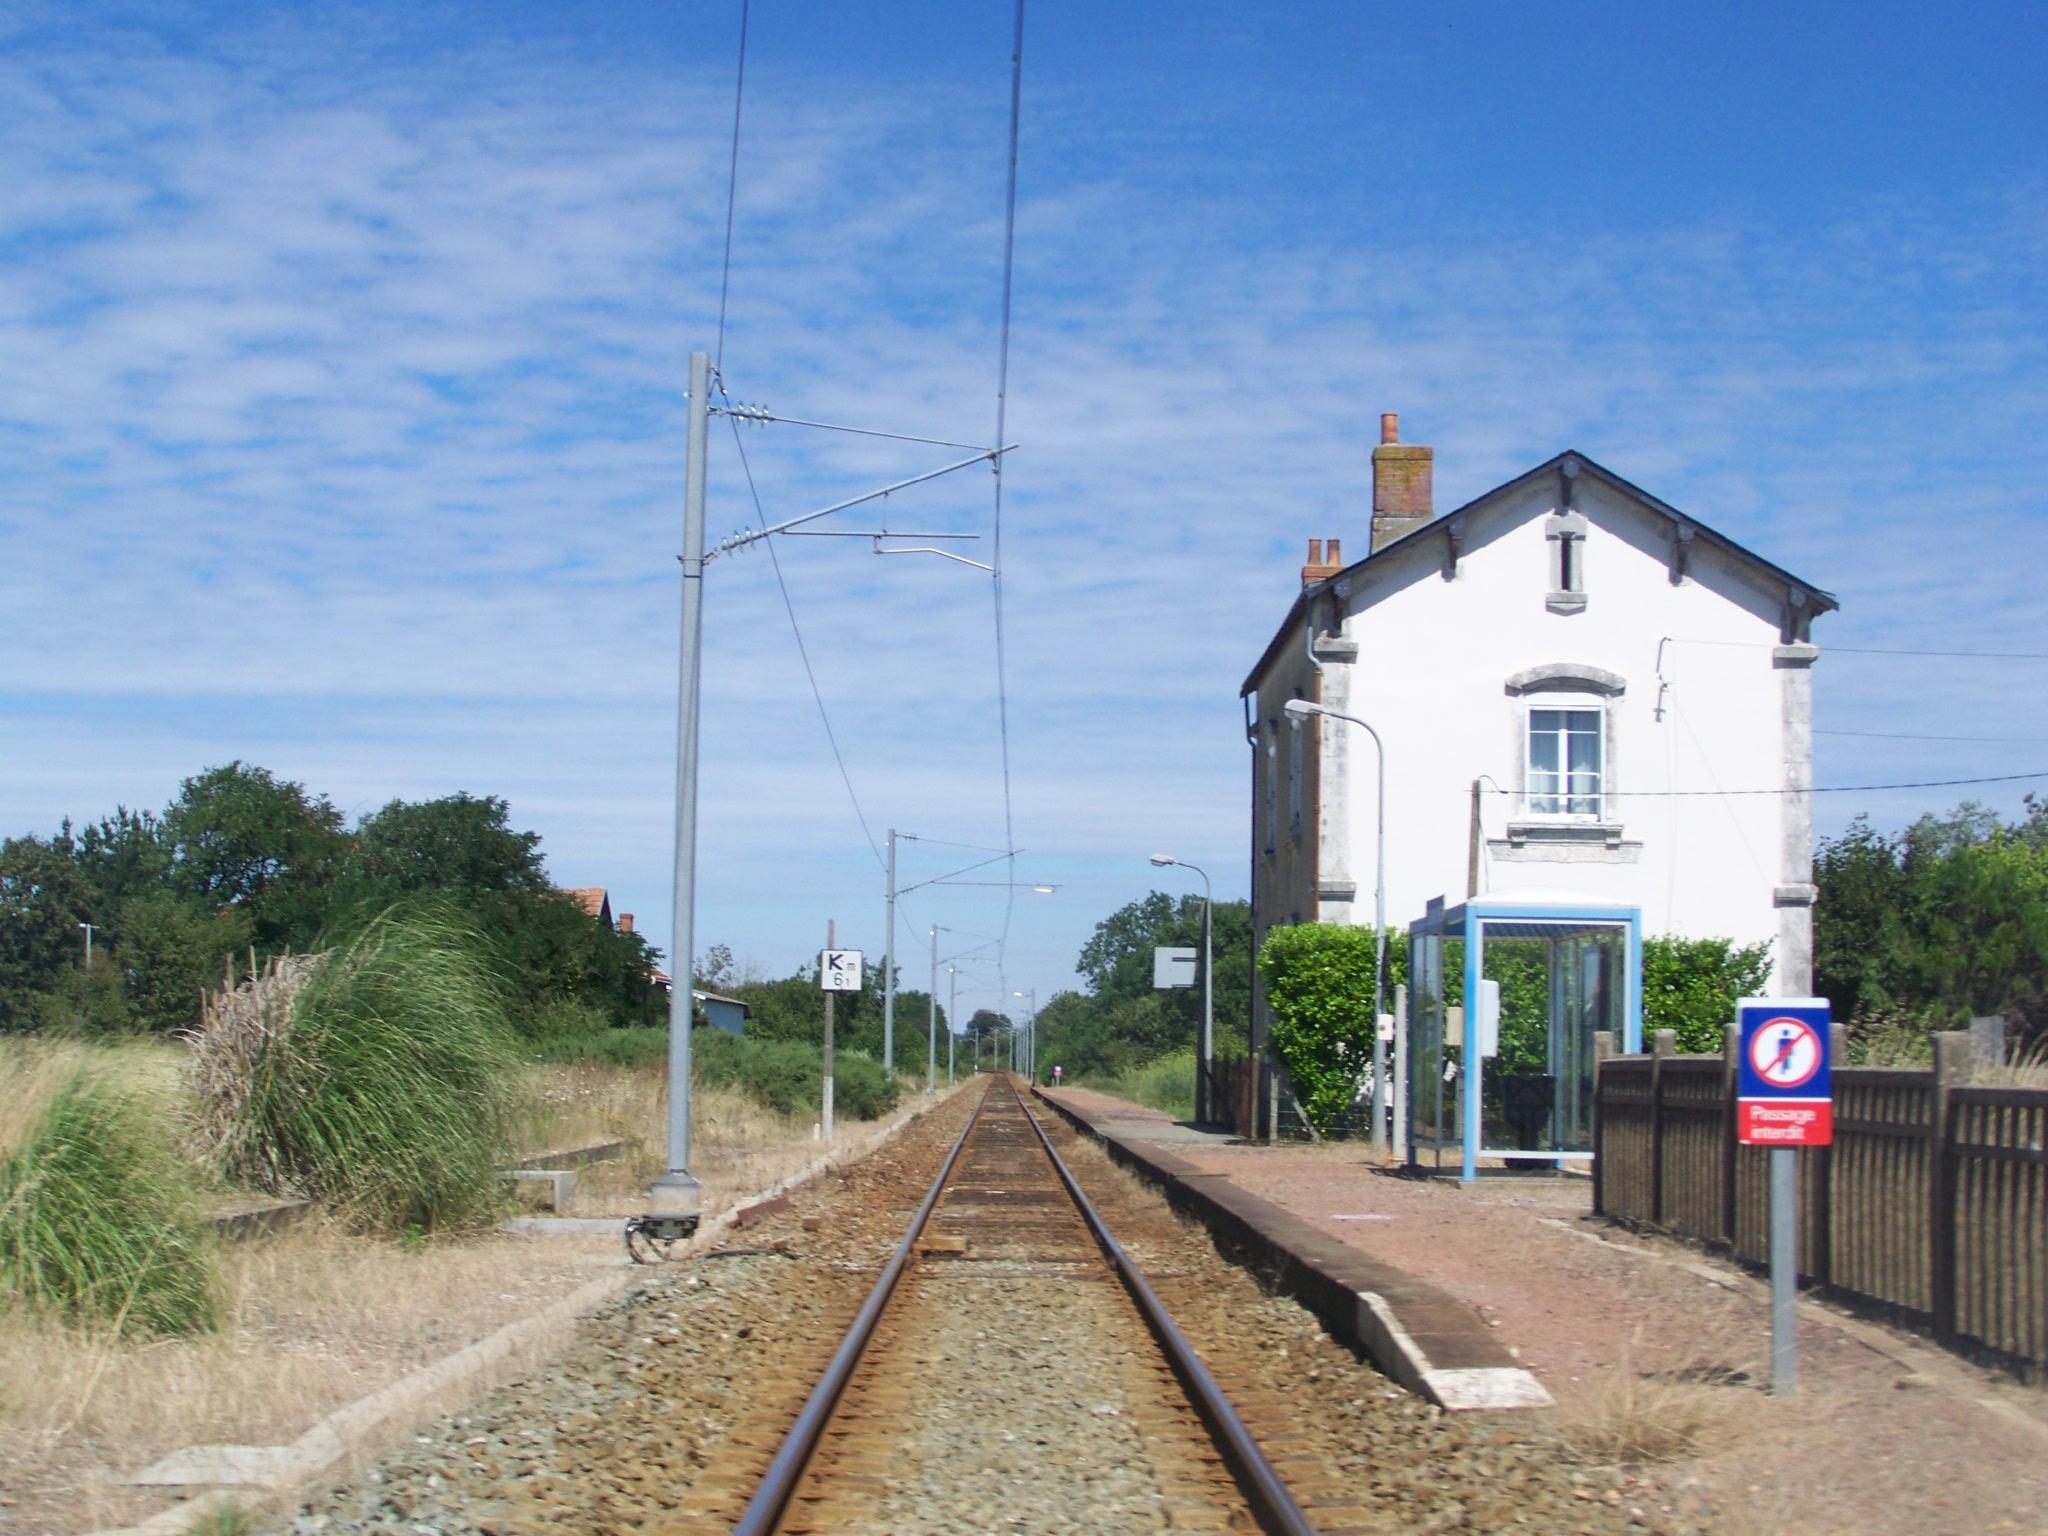 Gare d 39 olonne sur mer wikiwand for Piscine des chirons olonne sur mer